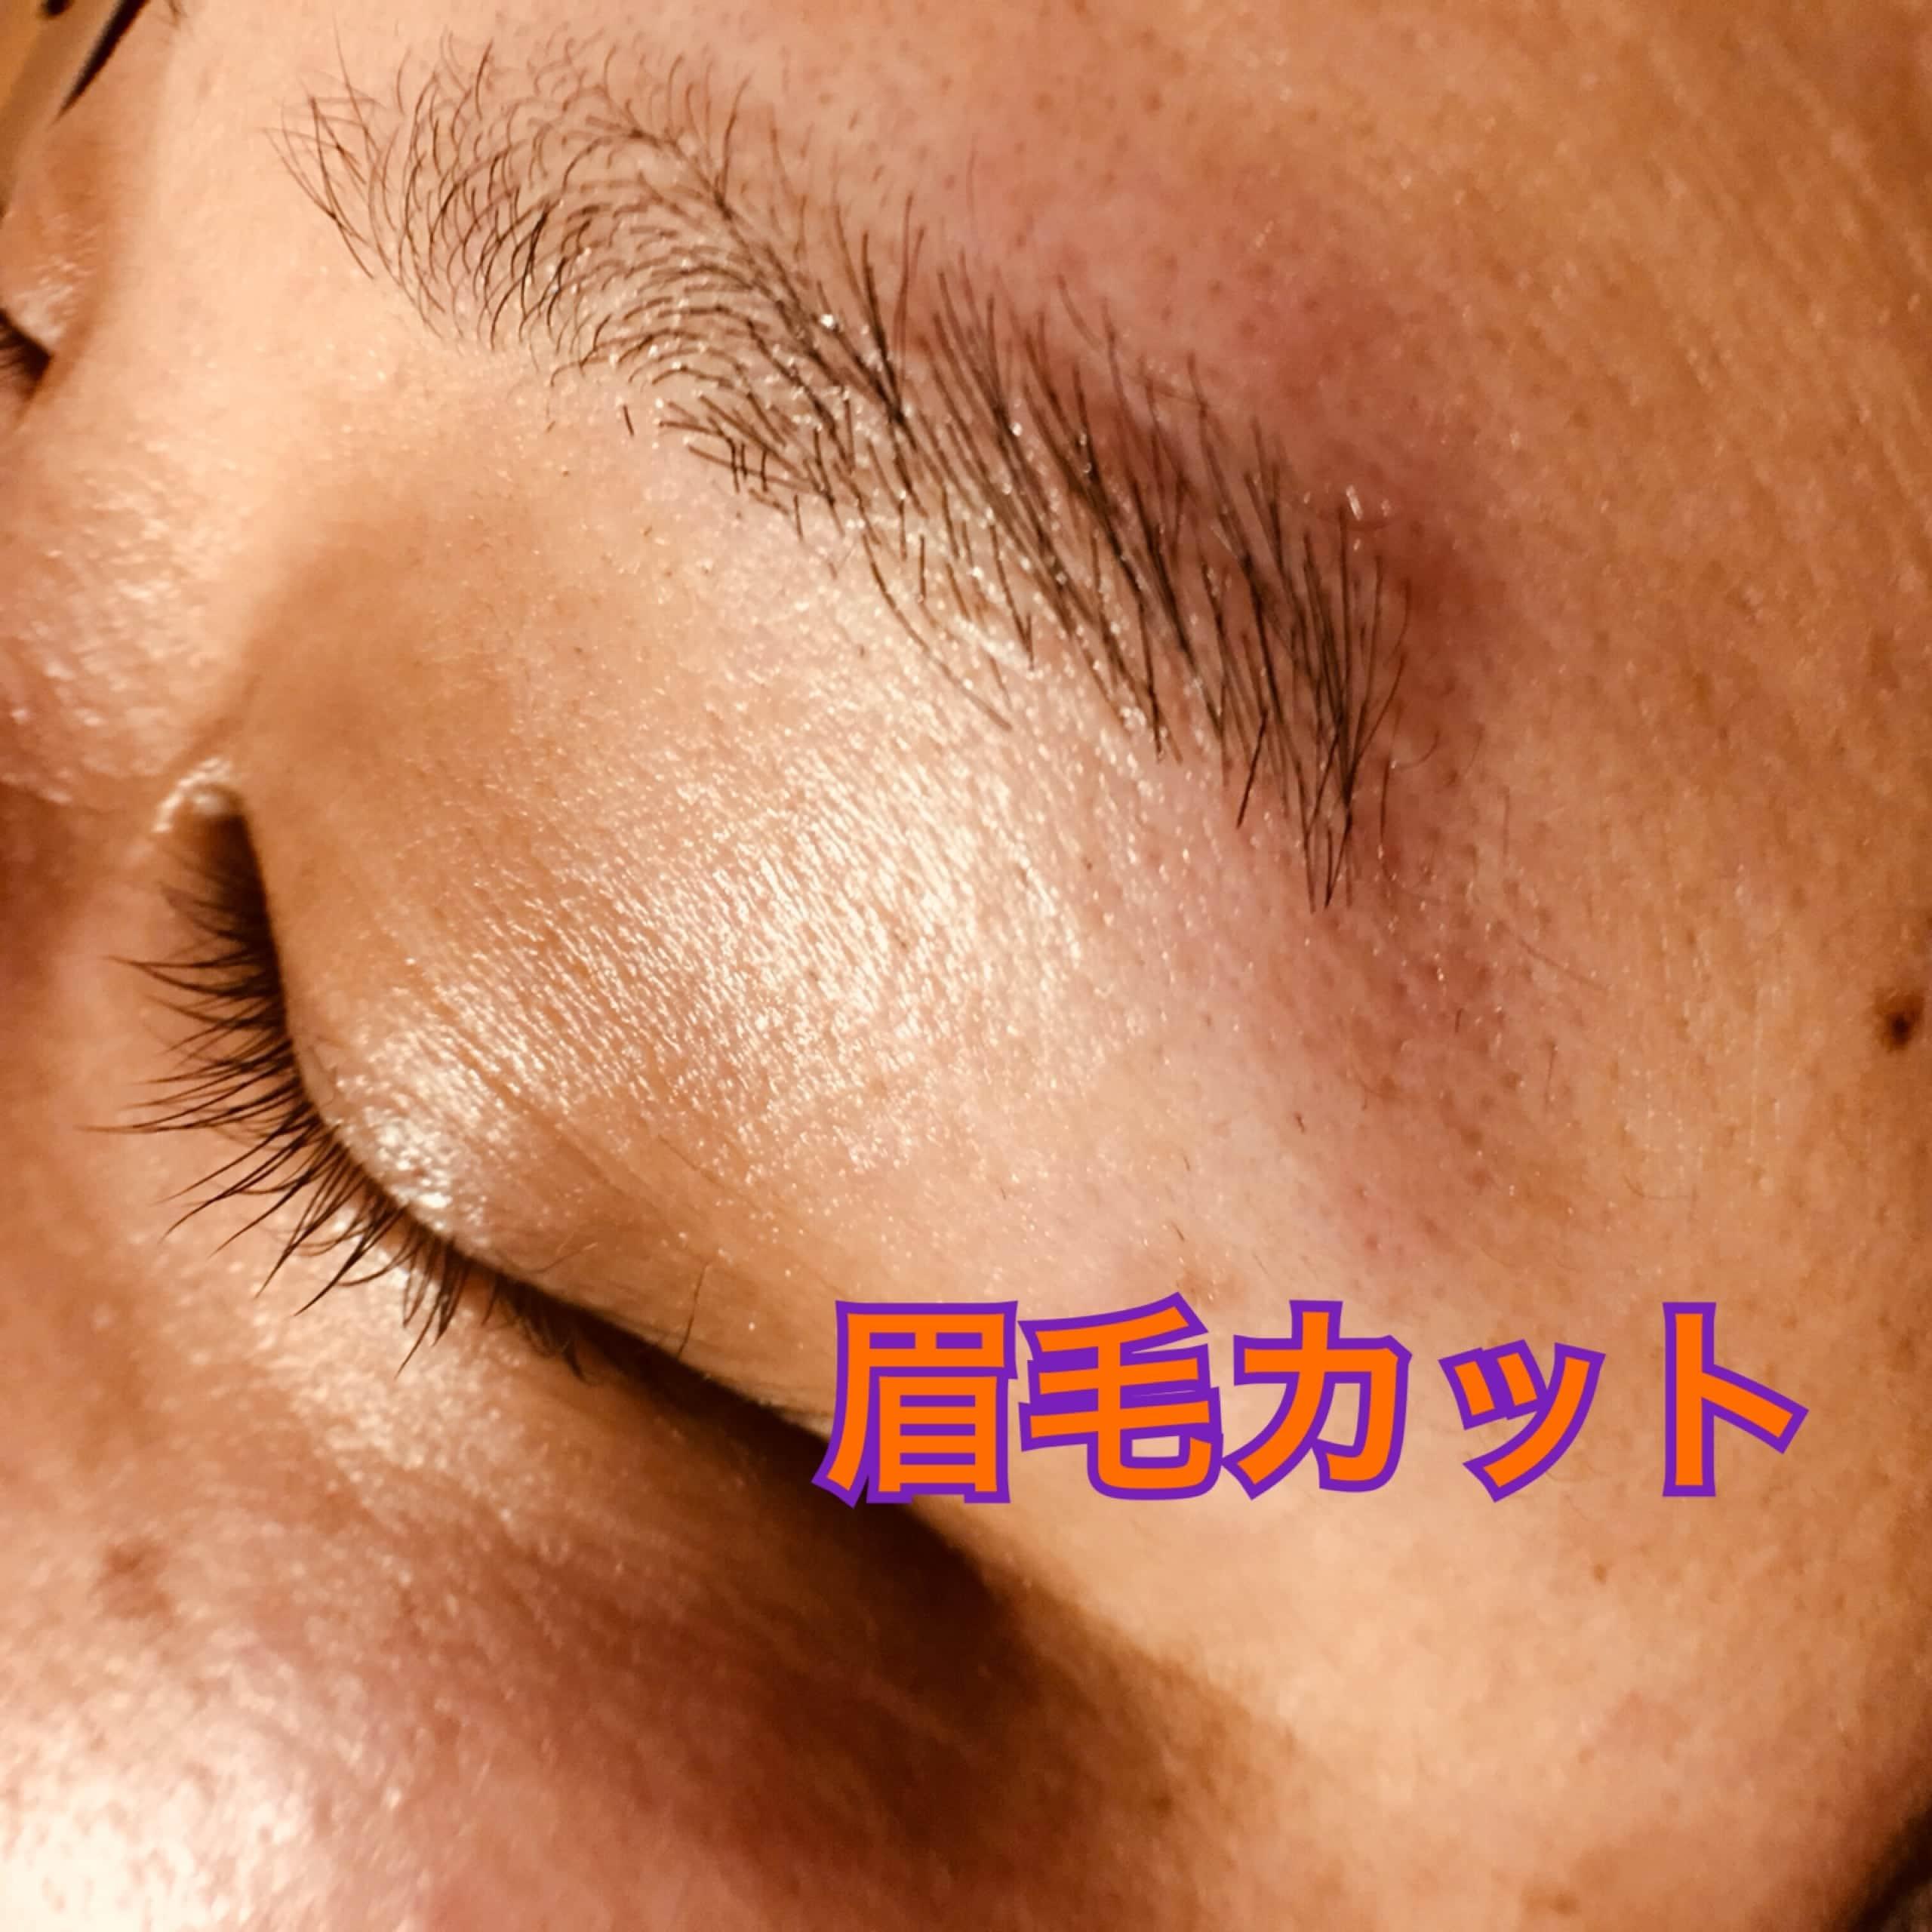 眉毛カット アイブローカット ★オプショナルメニュー★のイメージその4